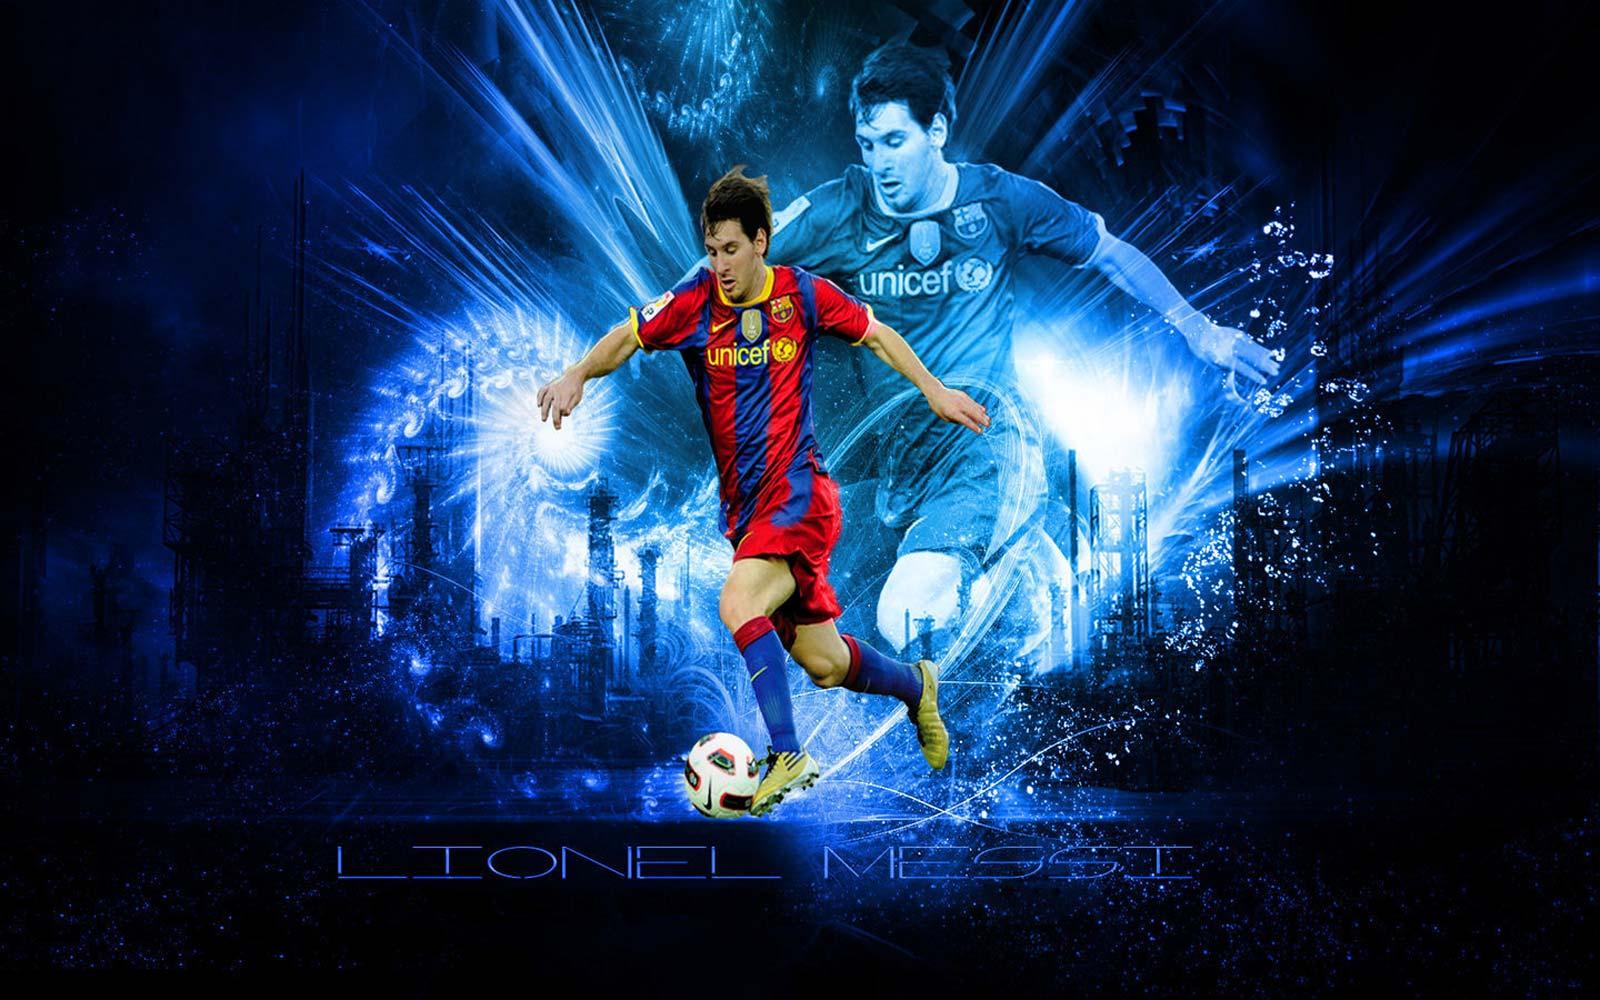 http://4.bp.blogspot.com/-gvQXOMWVJXQ/UKFMPITakjI/AAAAAAAAISw/KJXB6u8gfWY/s1600/Lionel_Messi_Barcelona.jpg